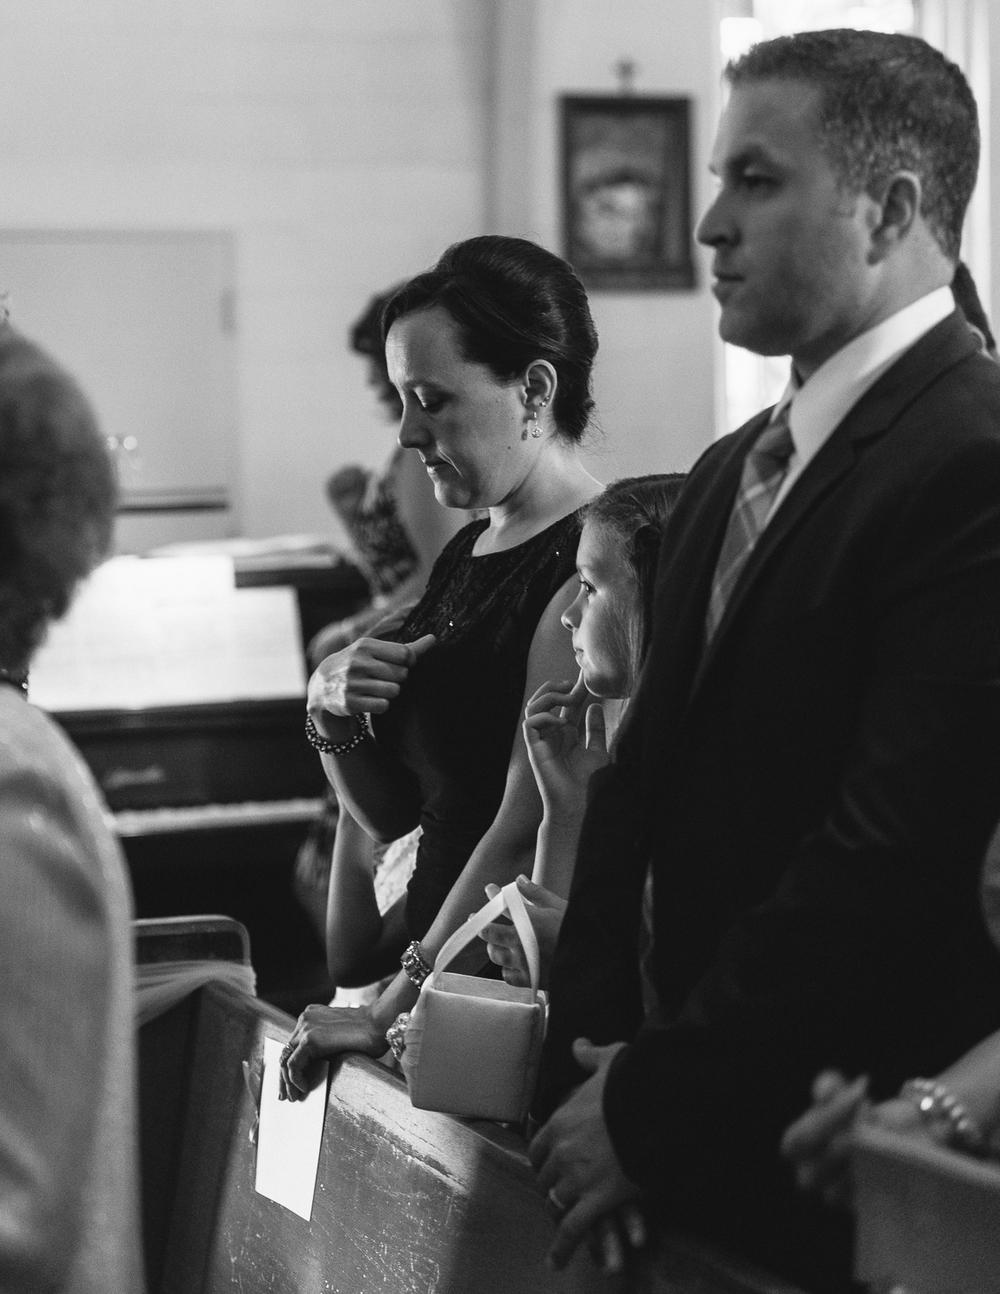 Allison_ZauchaPhotography_wedding_photography-39.jpg